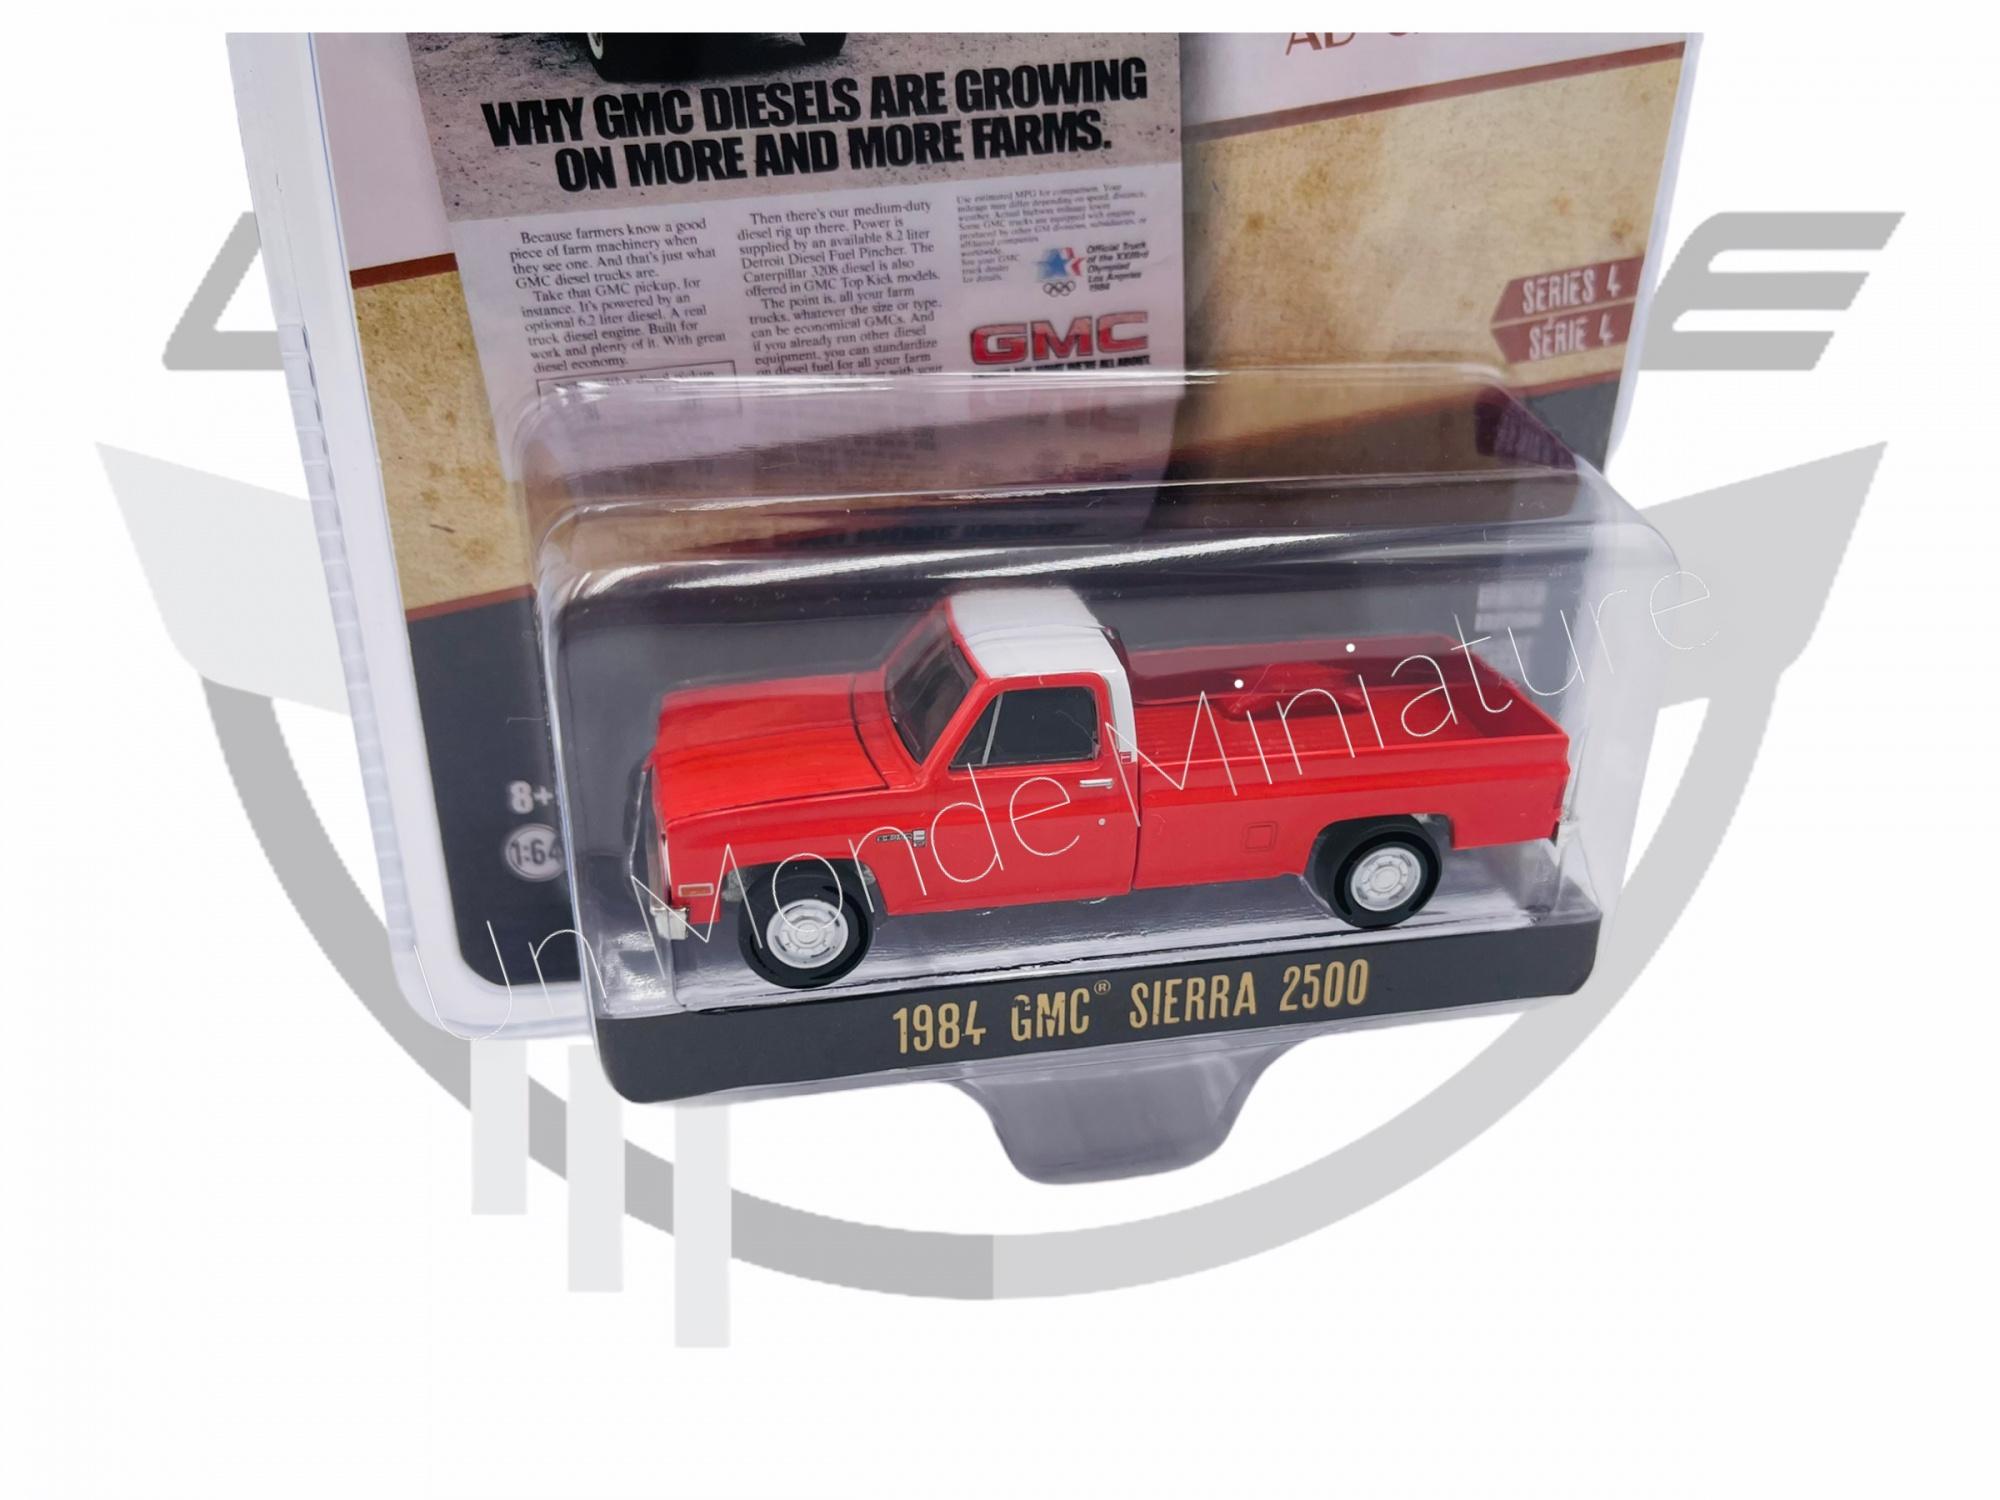 1984 GMC Sierra 2500